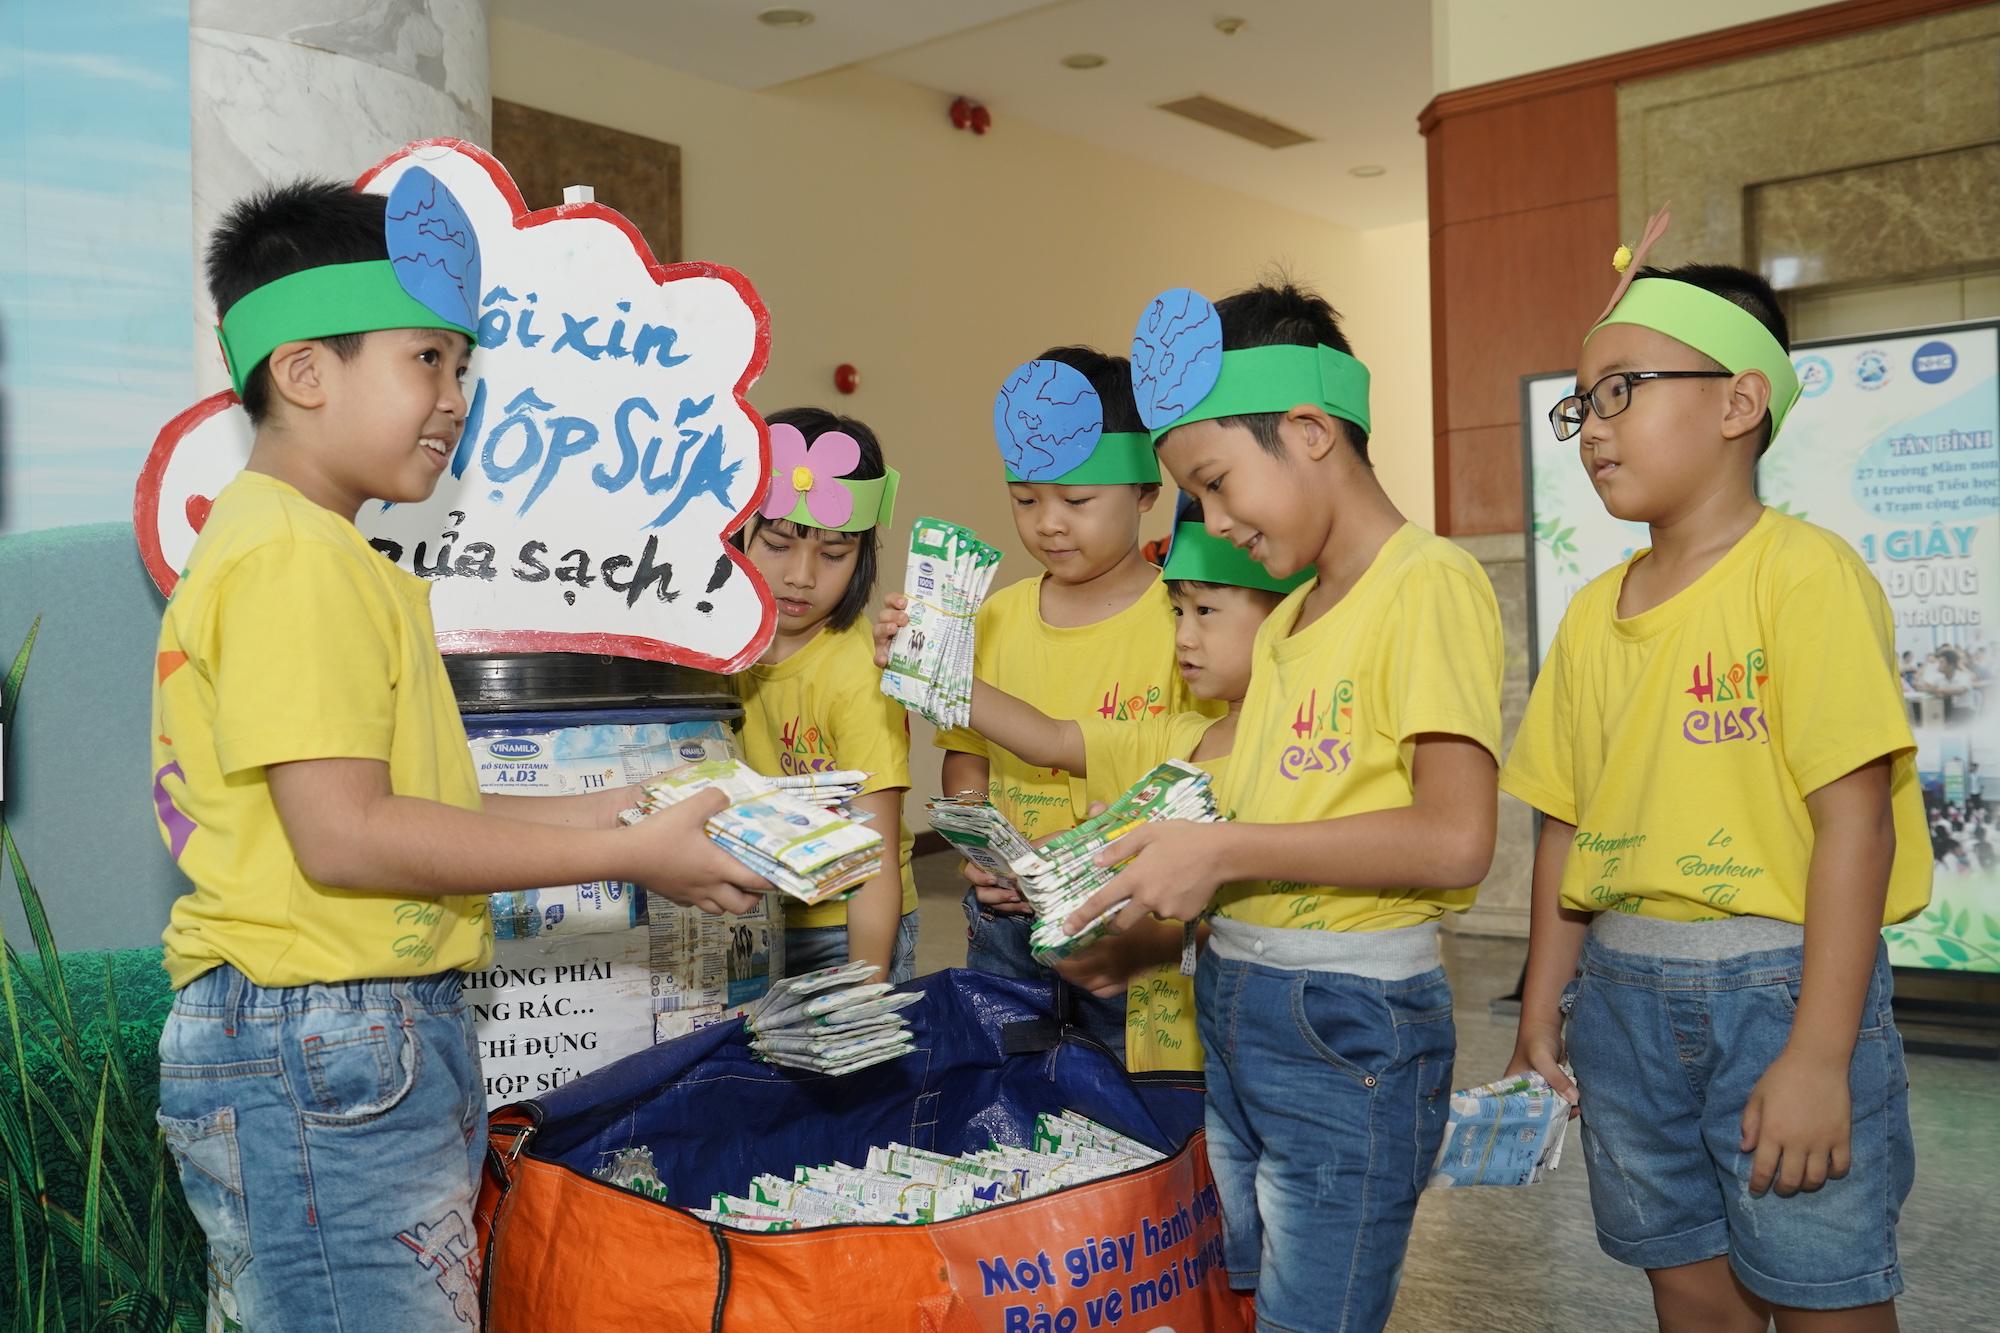 Tetra Pak mở rộng chương trình tái chế học đường cho 1.600 trường học tại Hà Nội